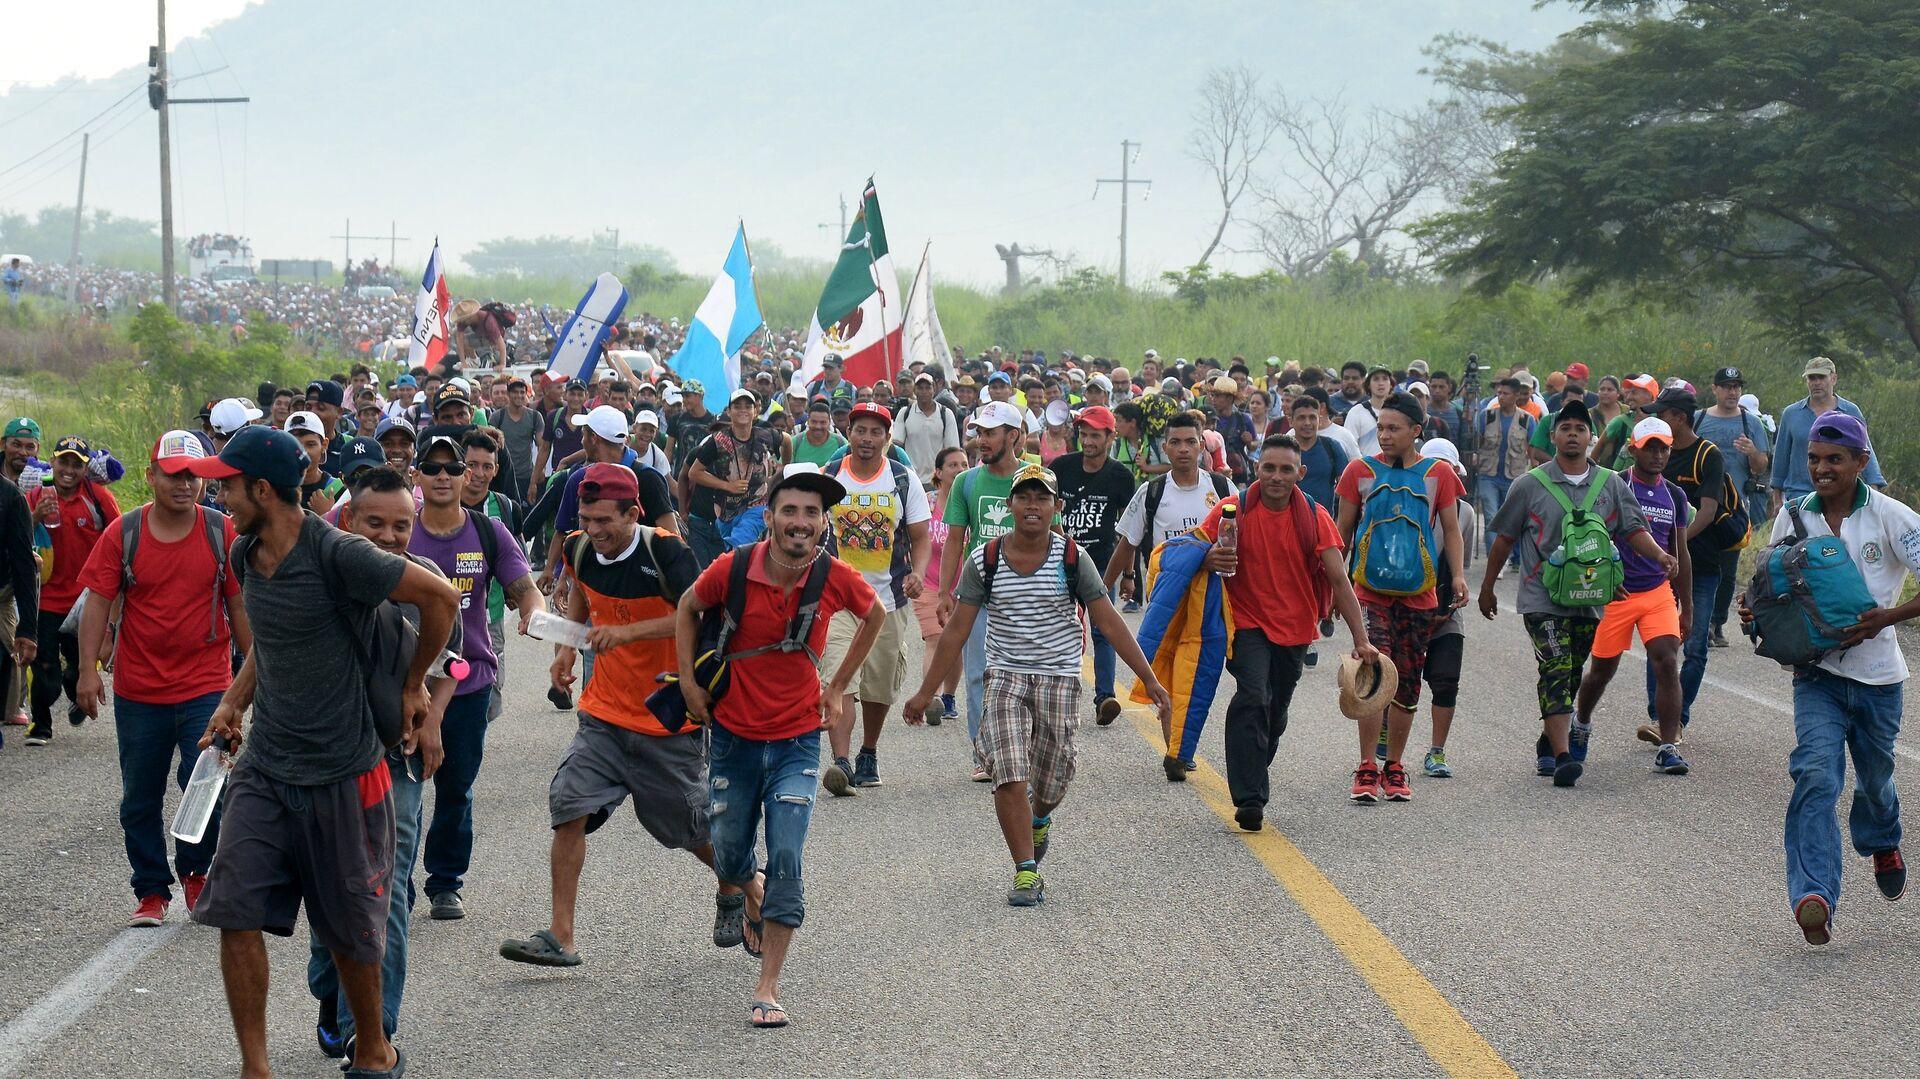 Мигранты из Гондураса, направляющиеся, в составе каравана, по территории Мексики в направлении границы с США. 27 октября 2018 - РИА Новости, 1920, 25.02.2021